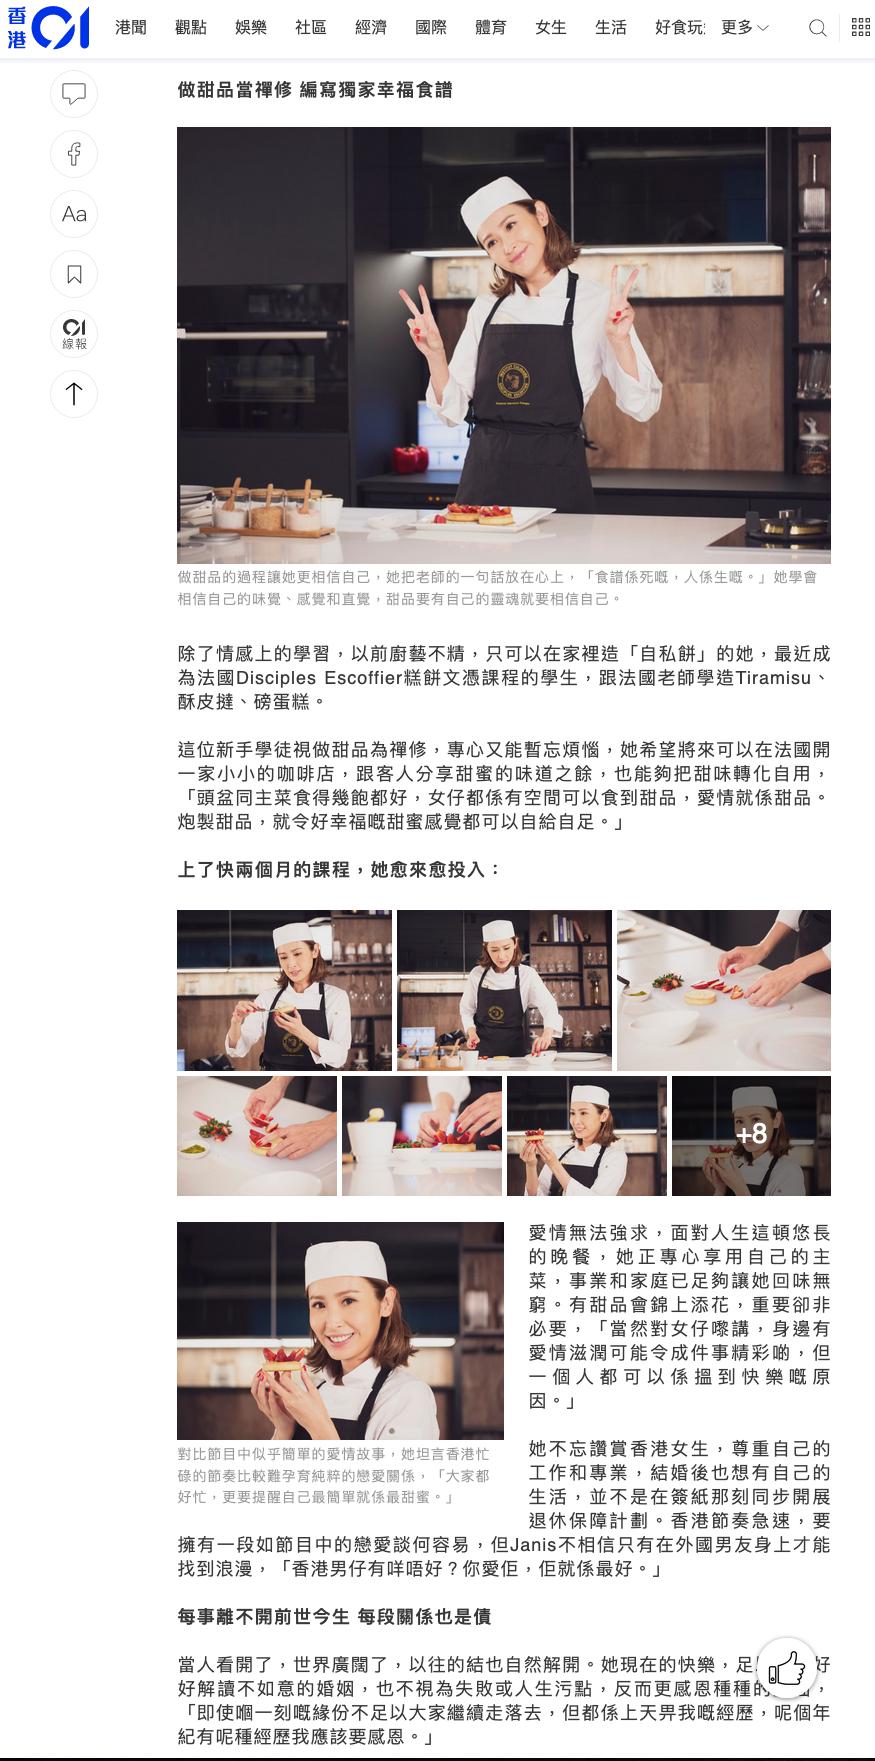 HK01.com-13.11.2018